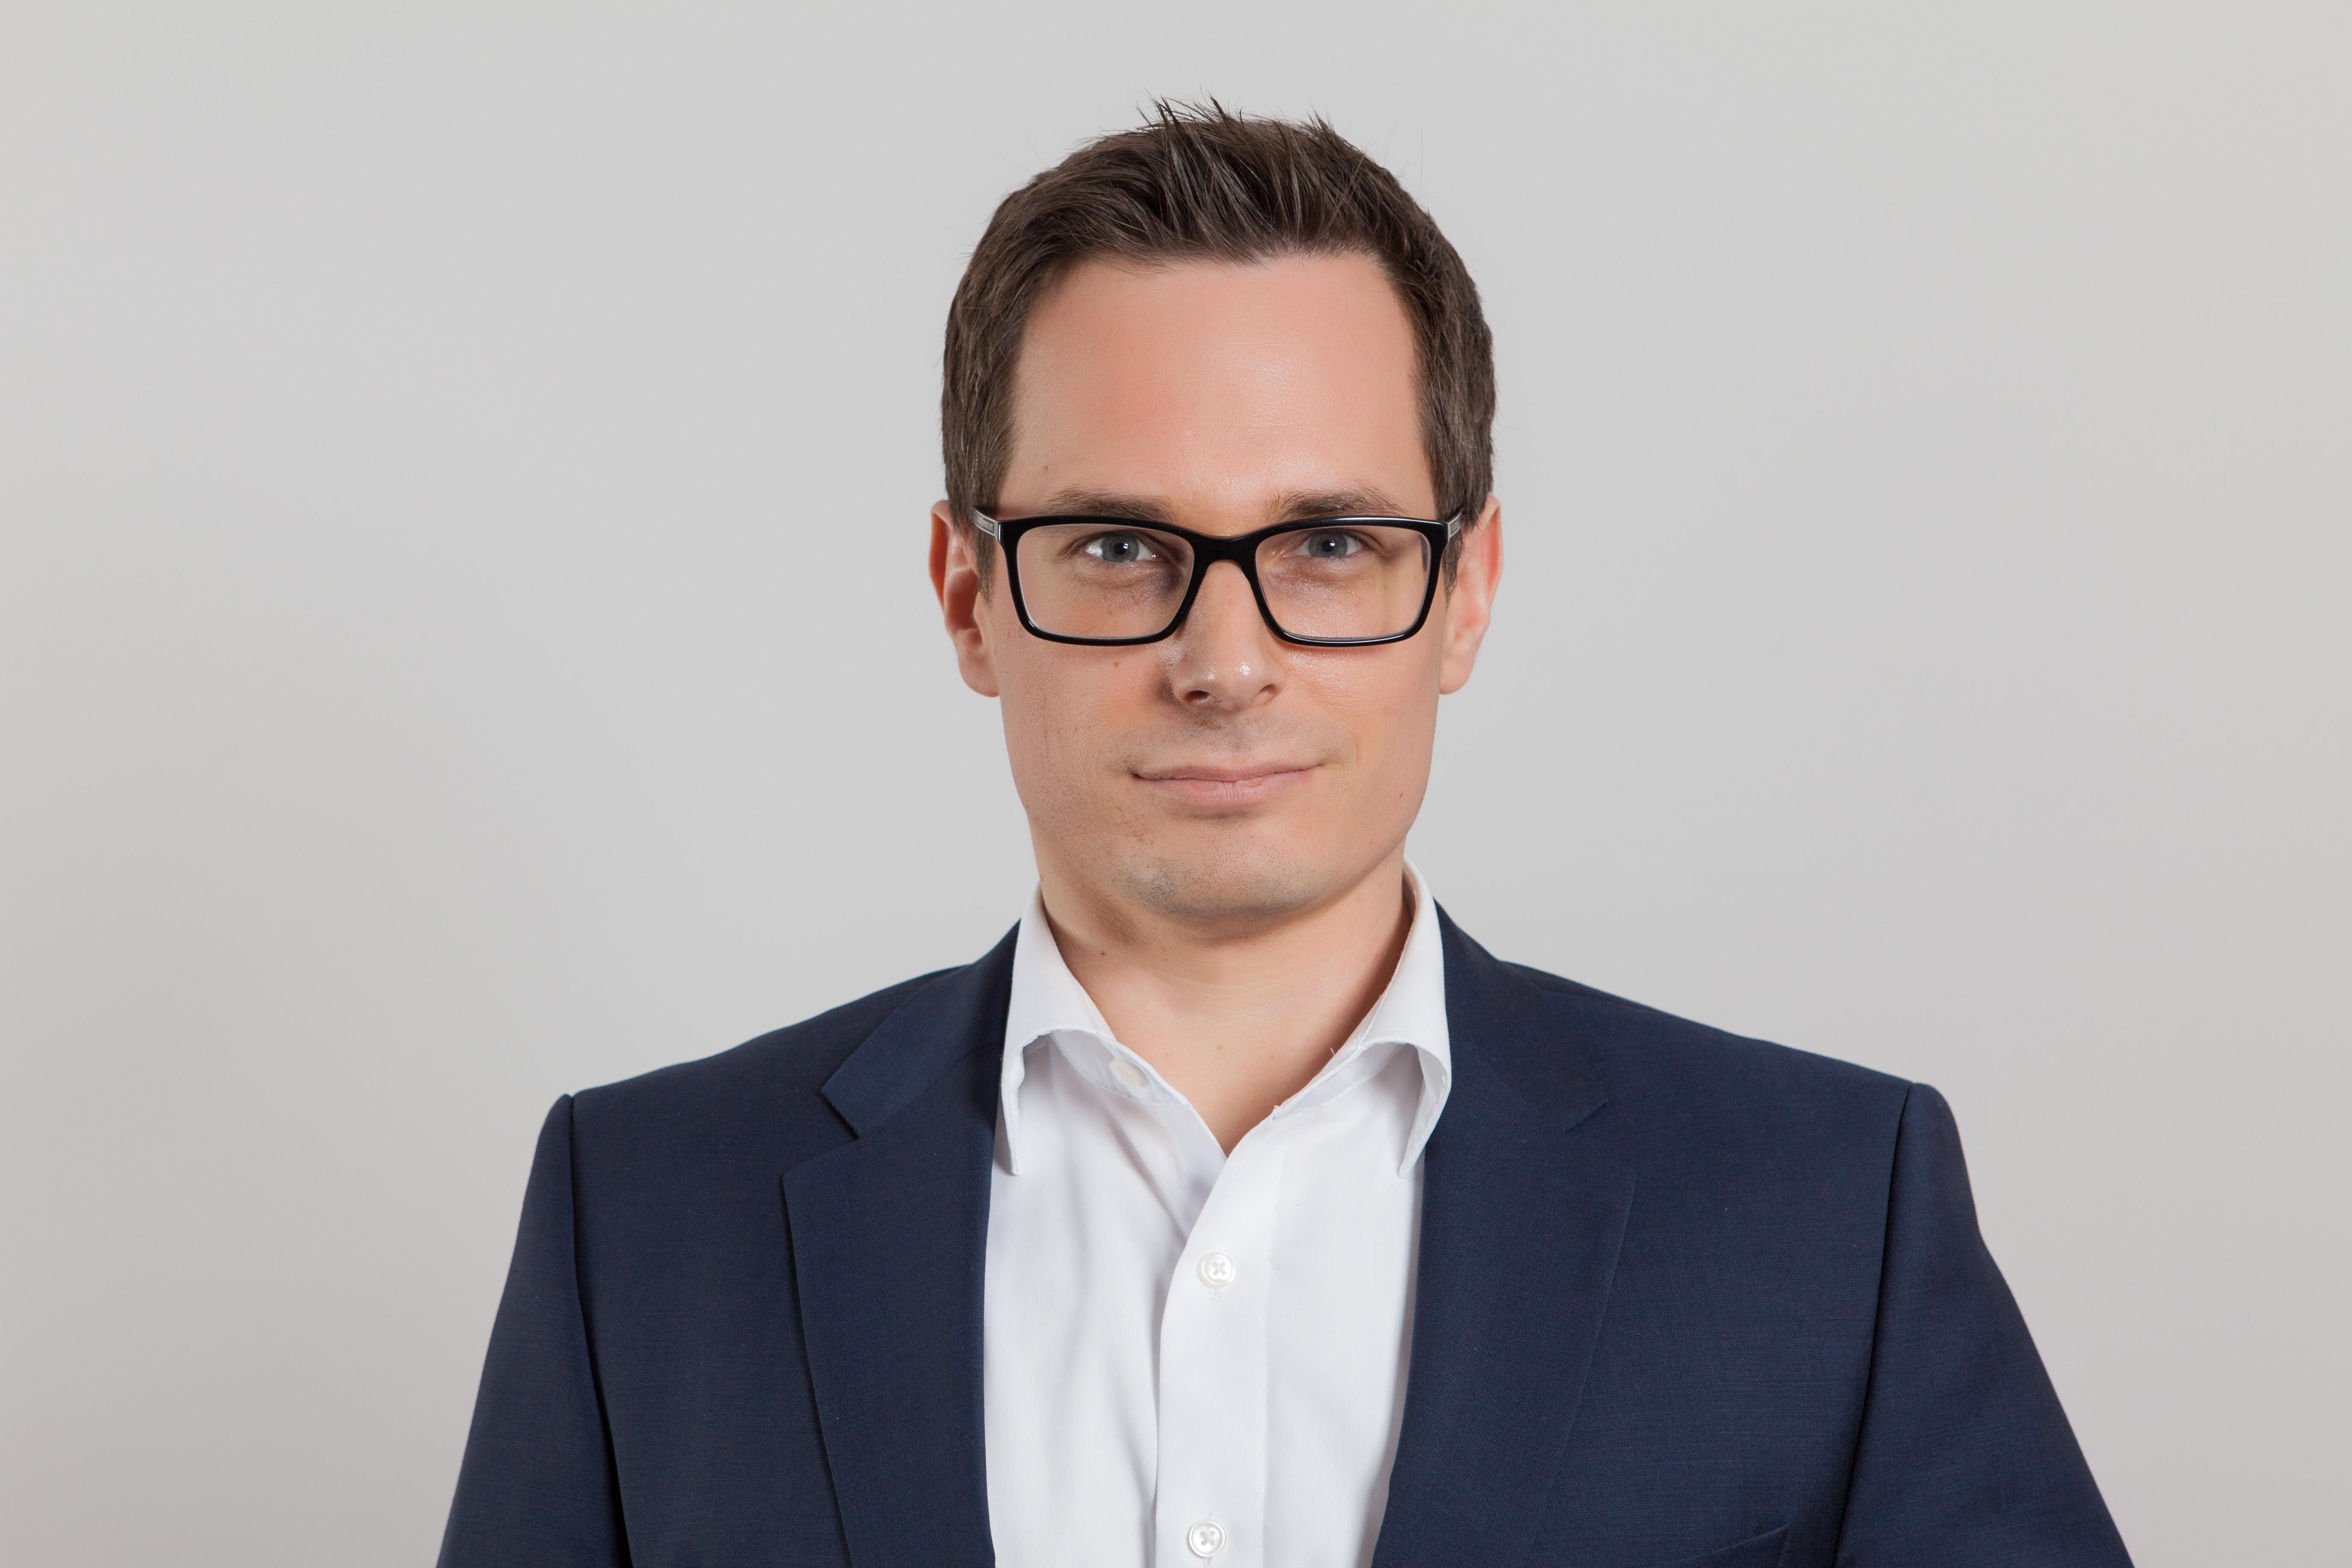 Sebastian Zeiss